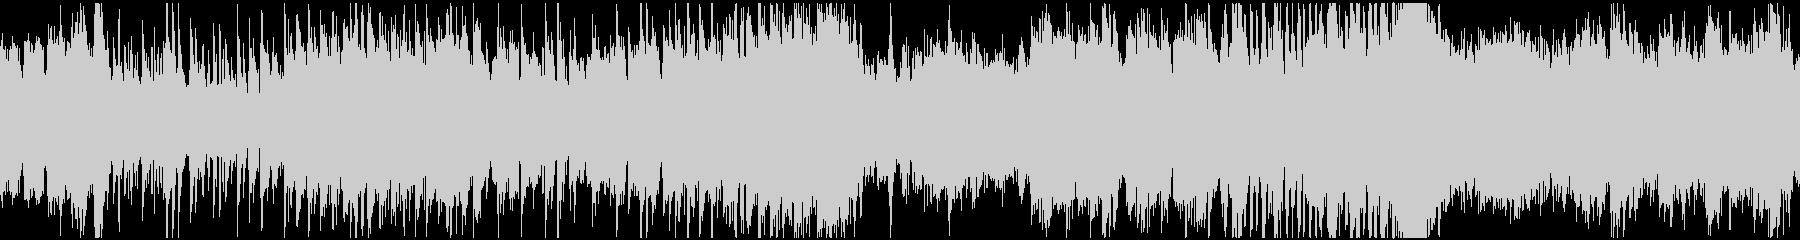 コミカルなハロウィン曲(ループ)の未再生の波形